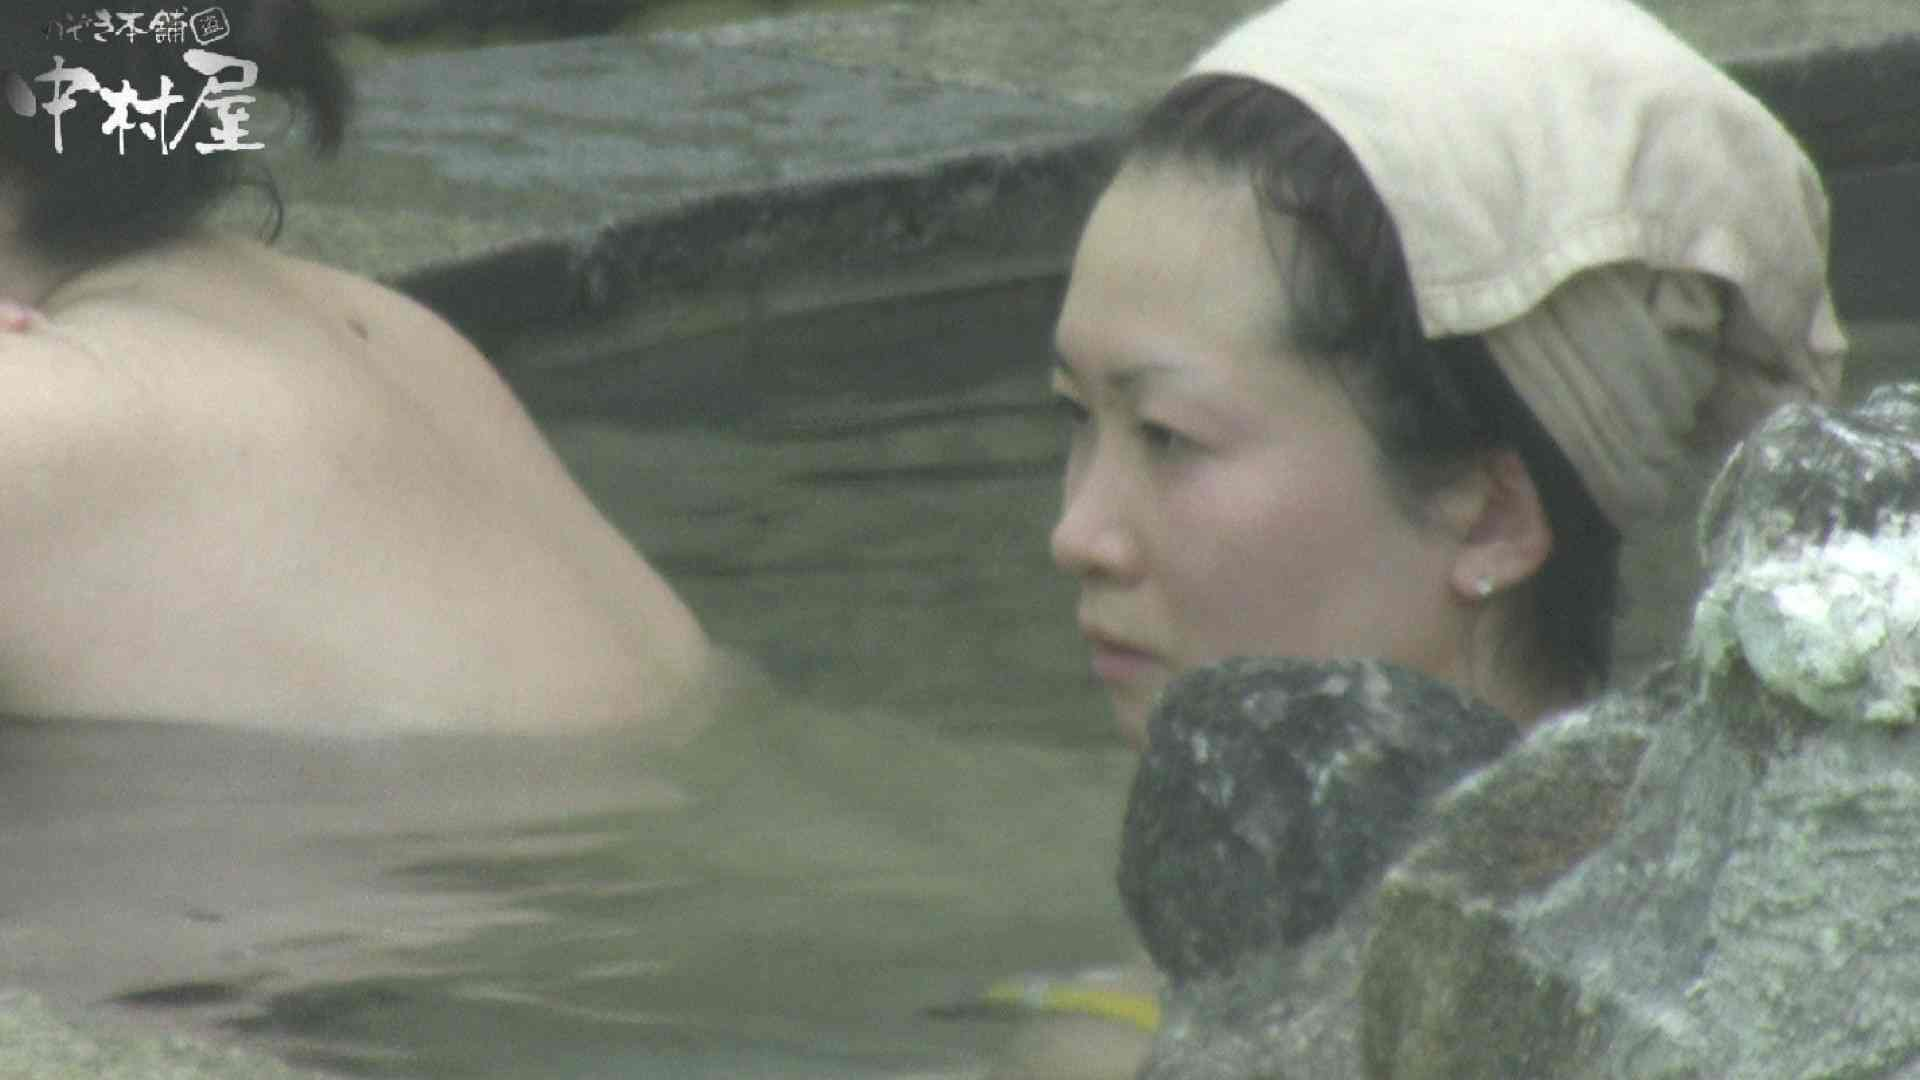 Aquaな露天風呂Vol.906 盗撮大放出 | 0  88連発 81